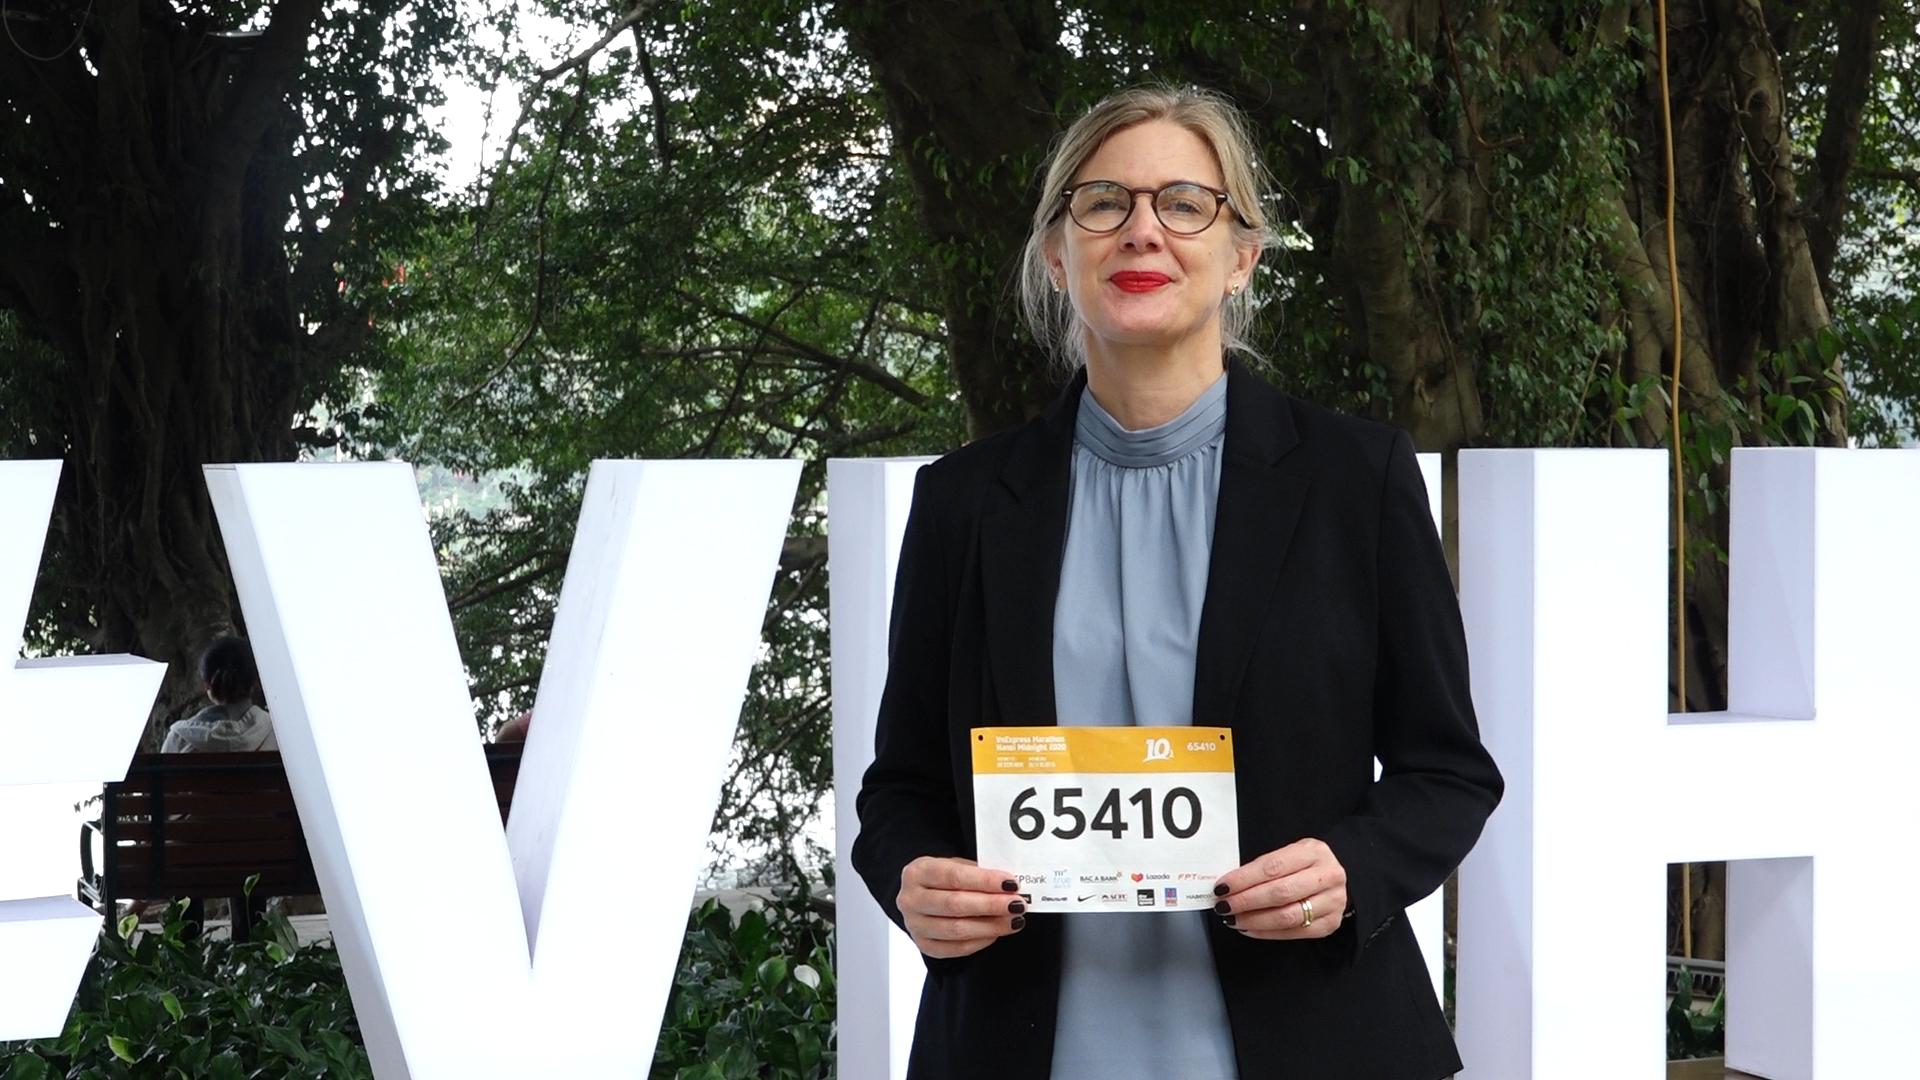 Đại sứ Thuỵ Điển tại Việt Nam tham gia chạy 10 km